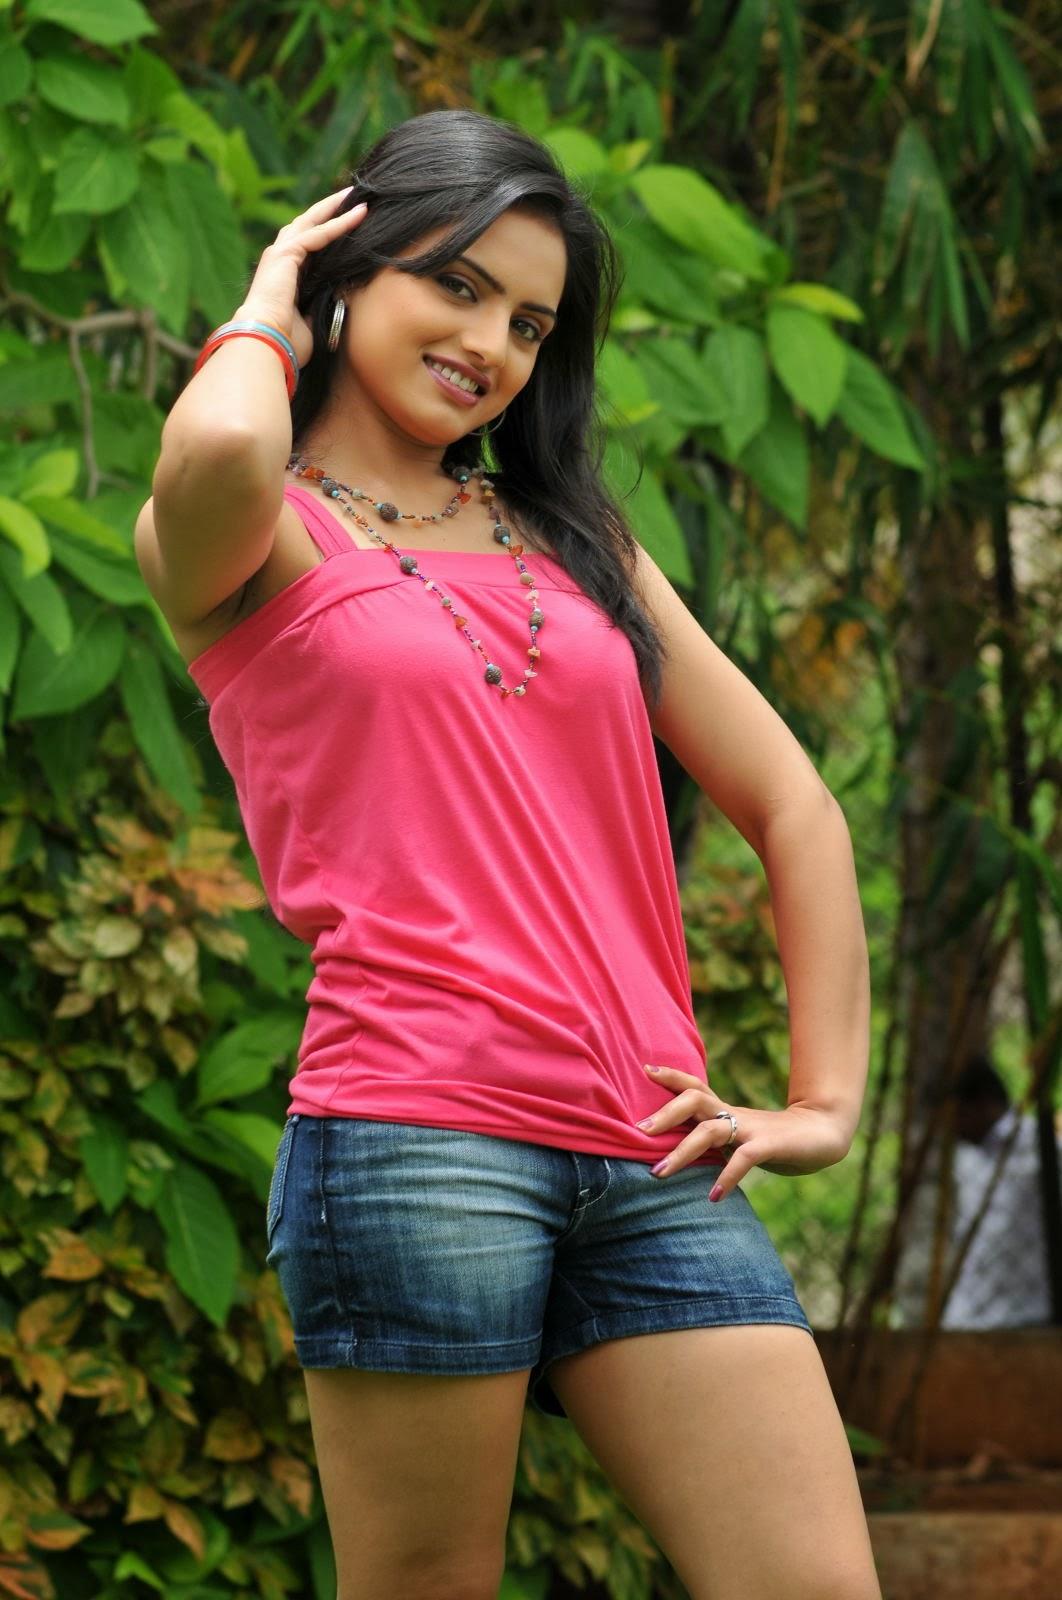 Reshma Shetty Shorts Gallery in denim shorts